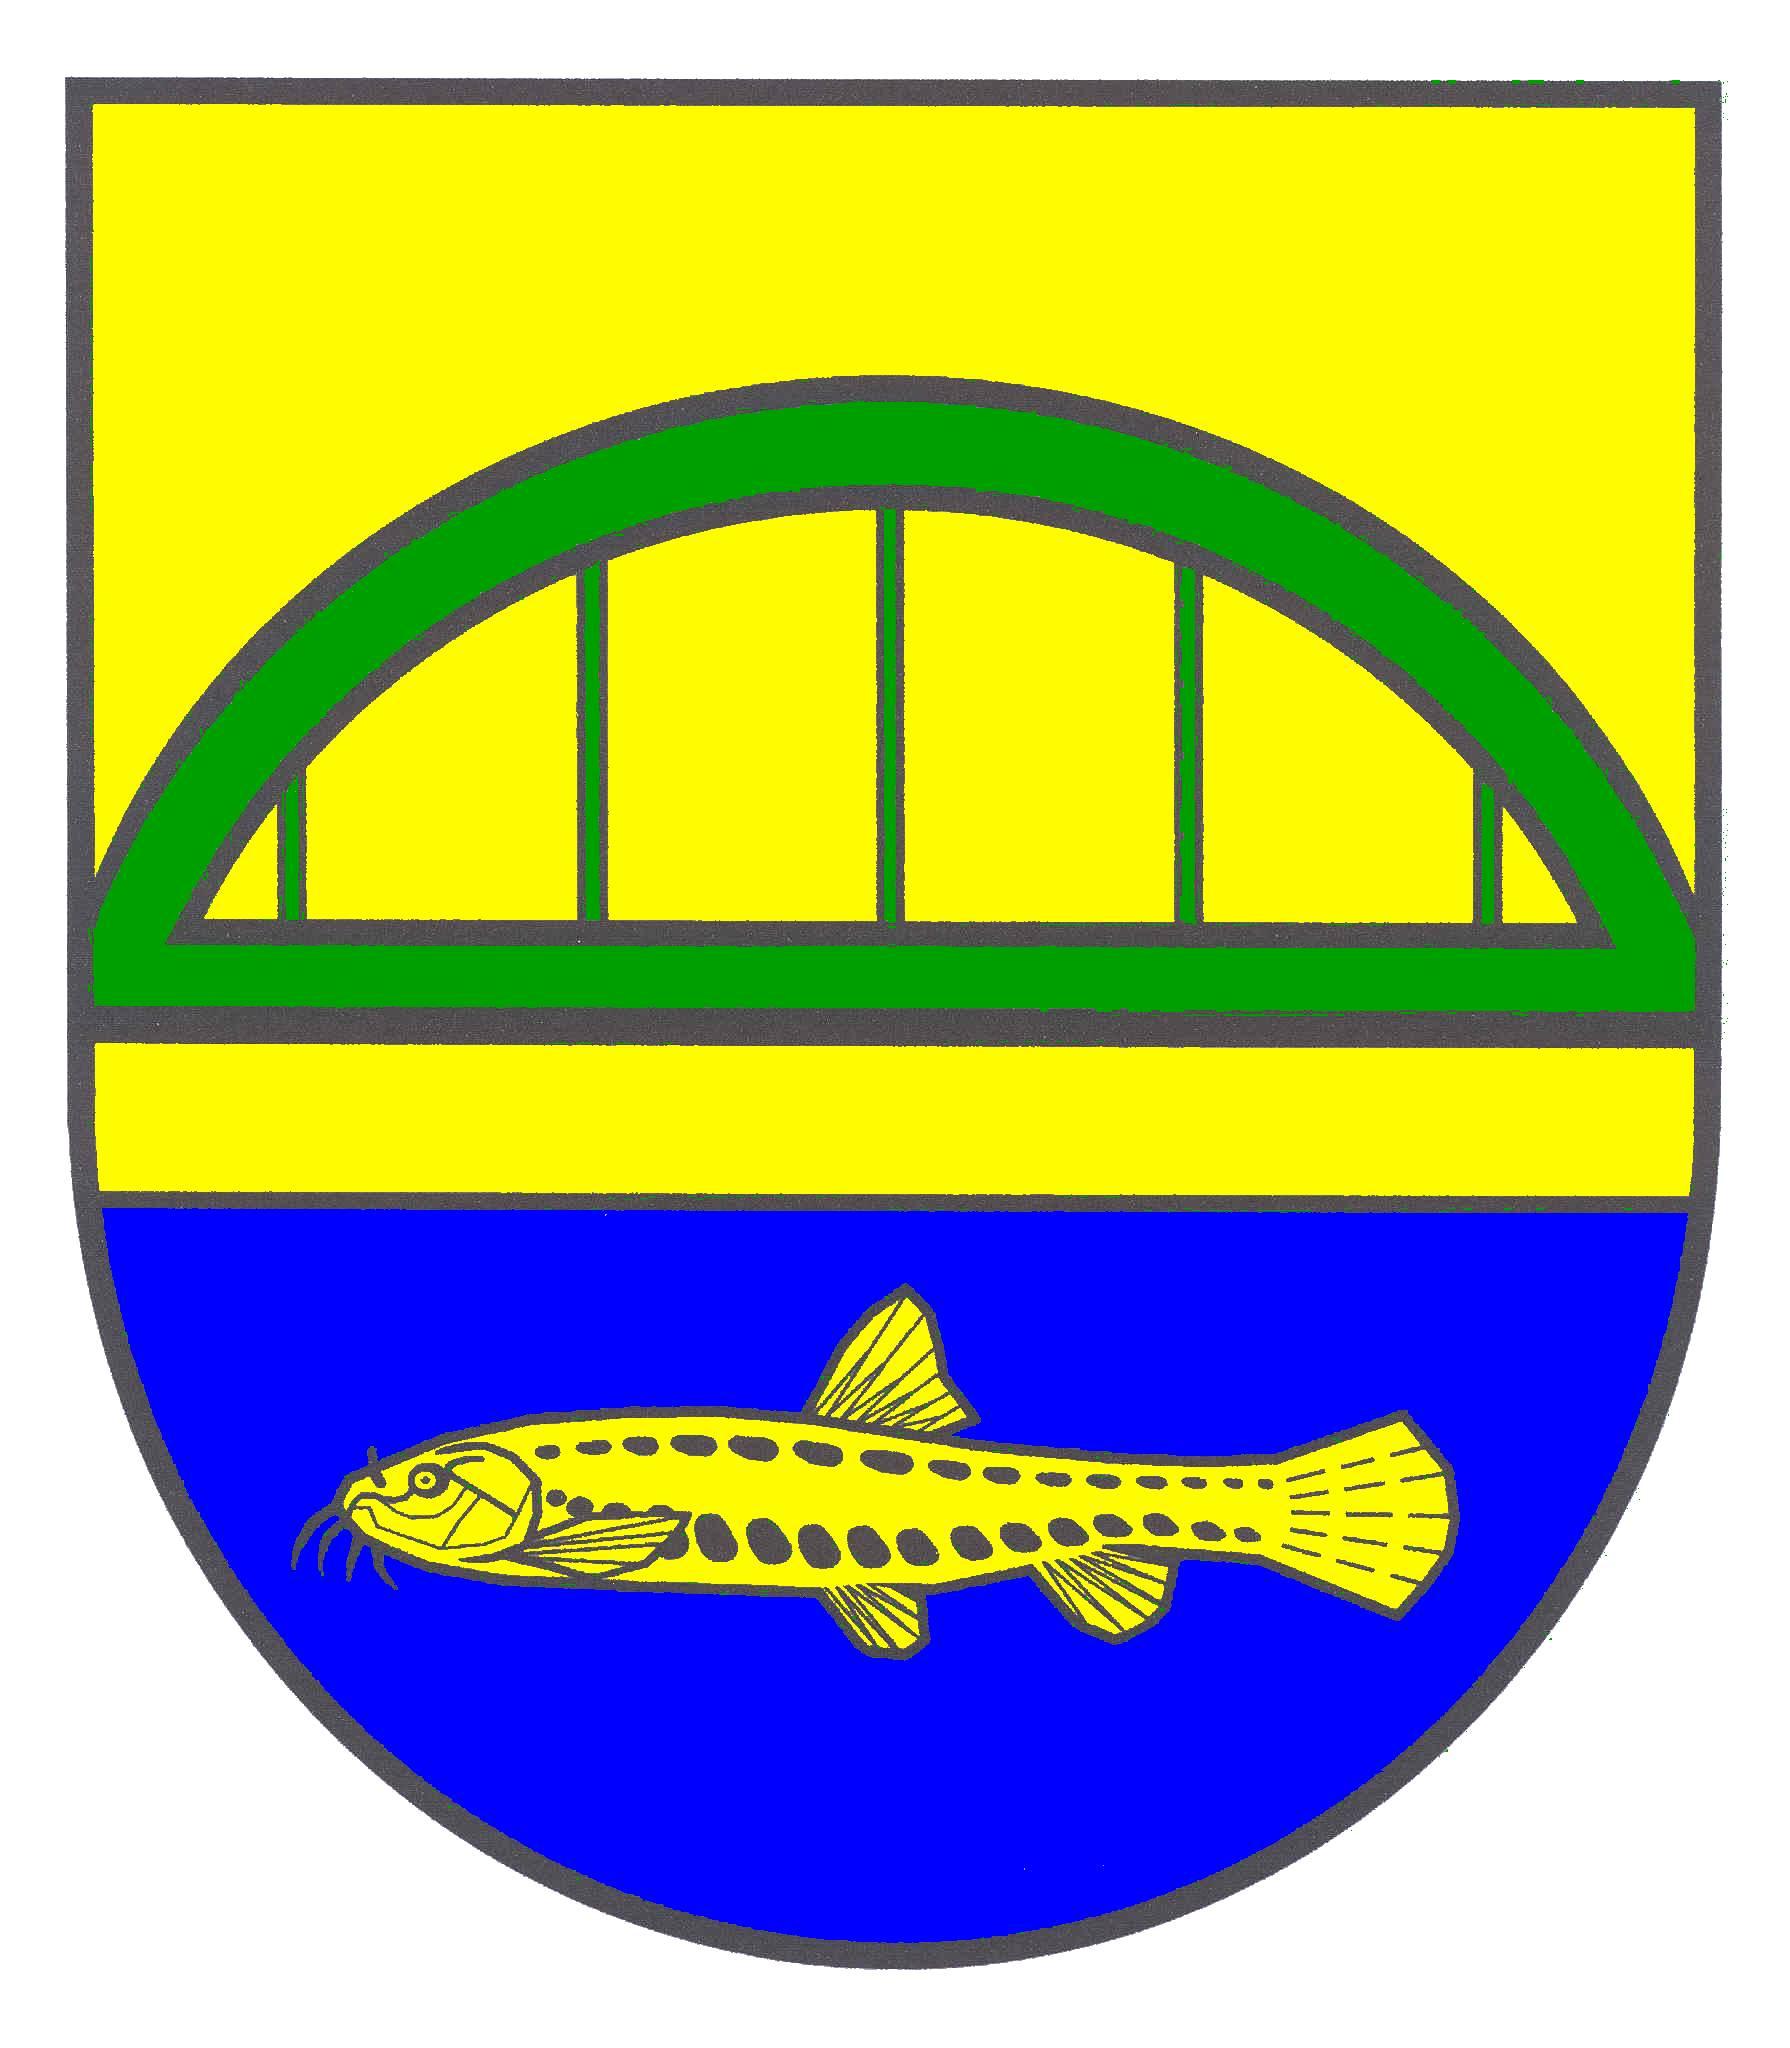 Wappen GemeindeDalldorf, Kreis Herzogtum Lauenburg